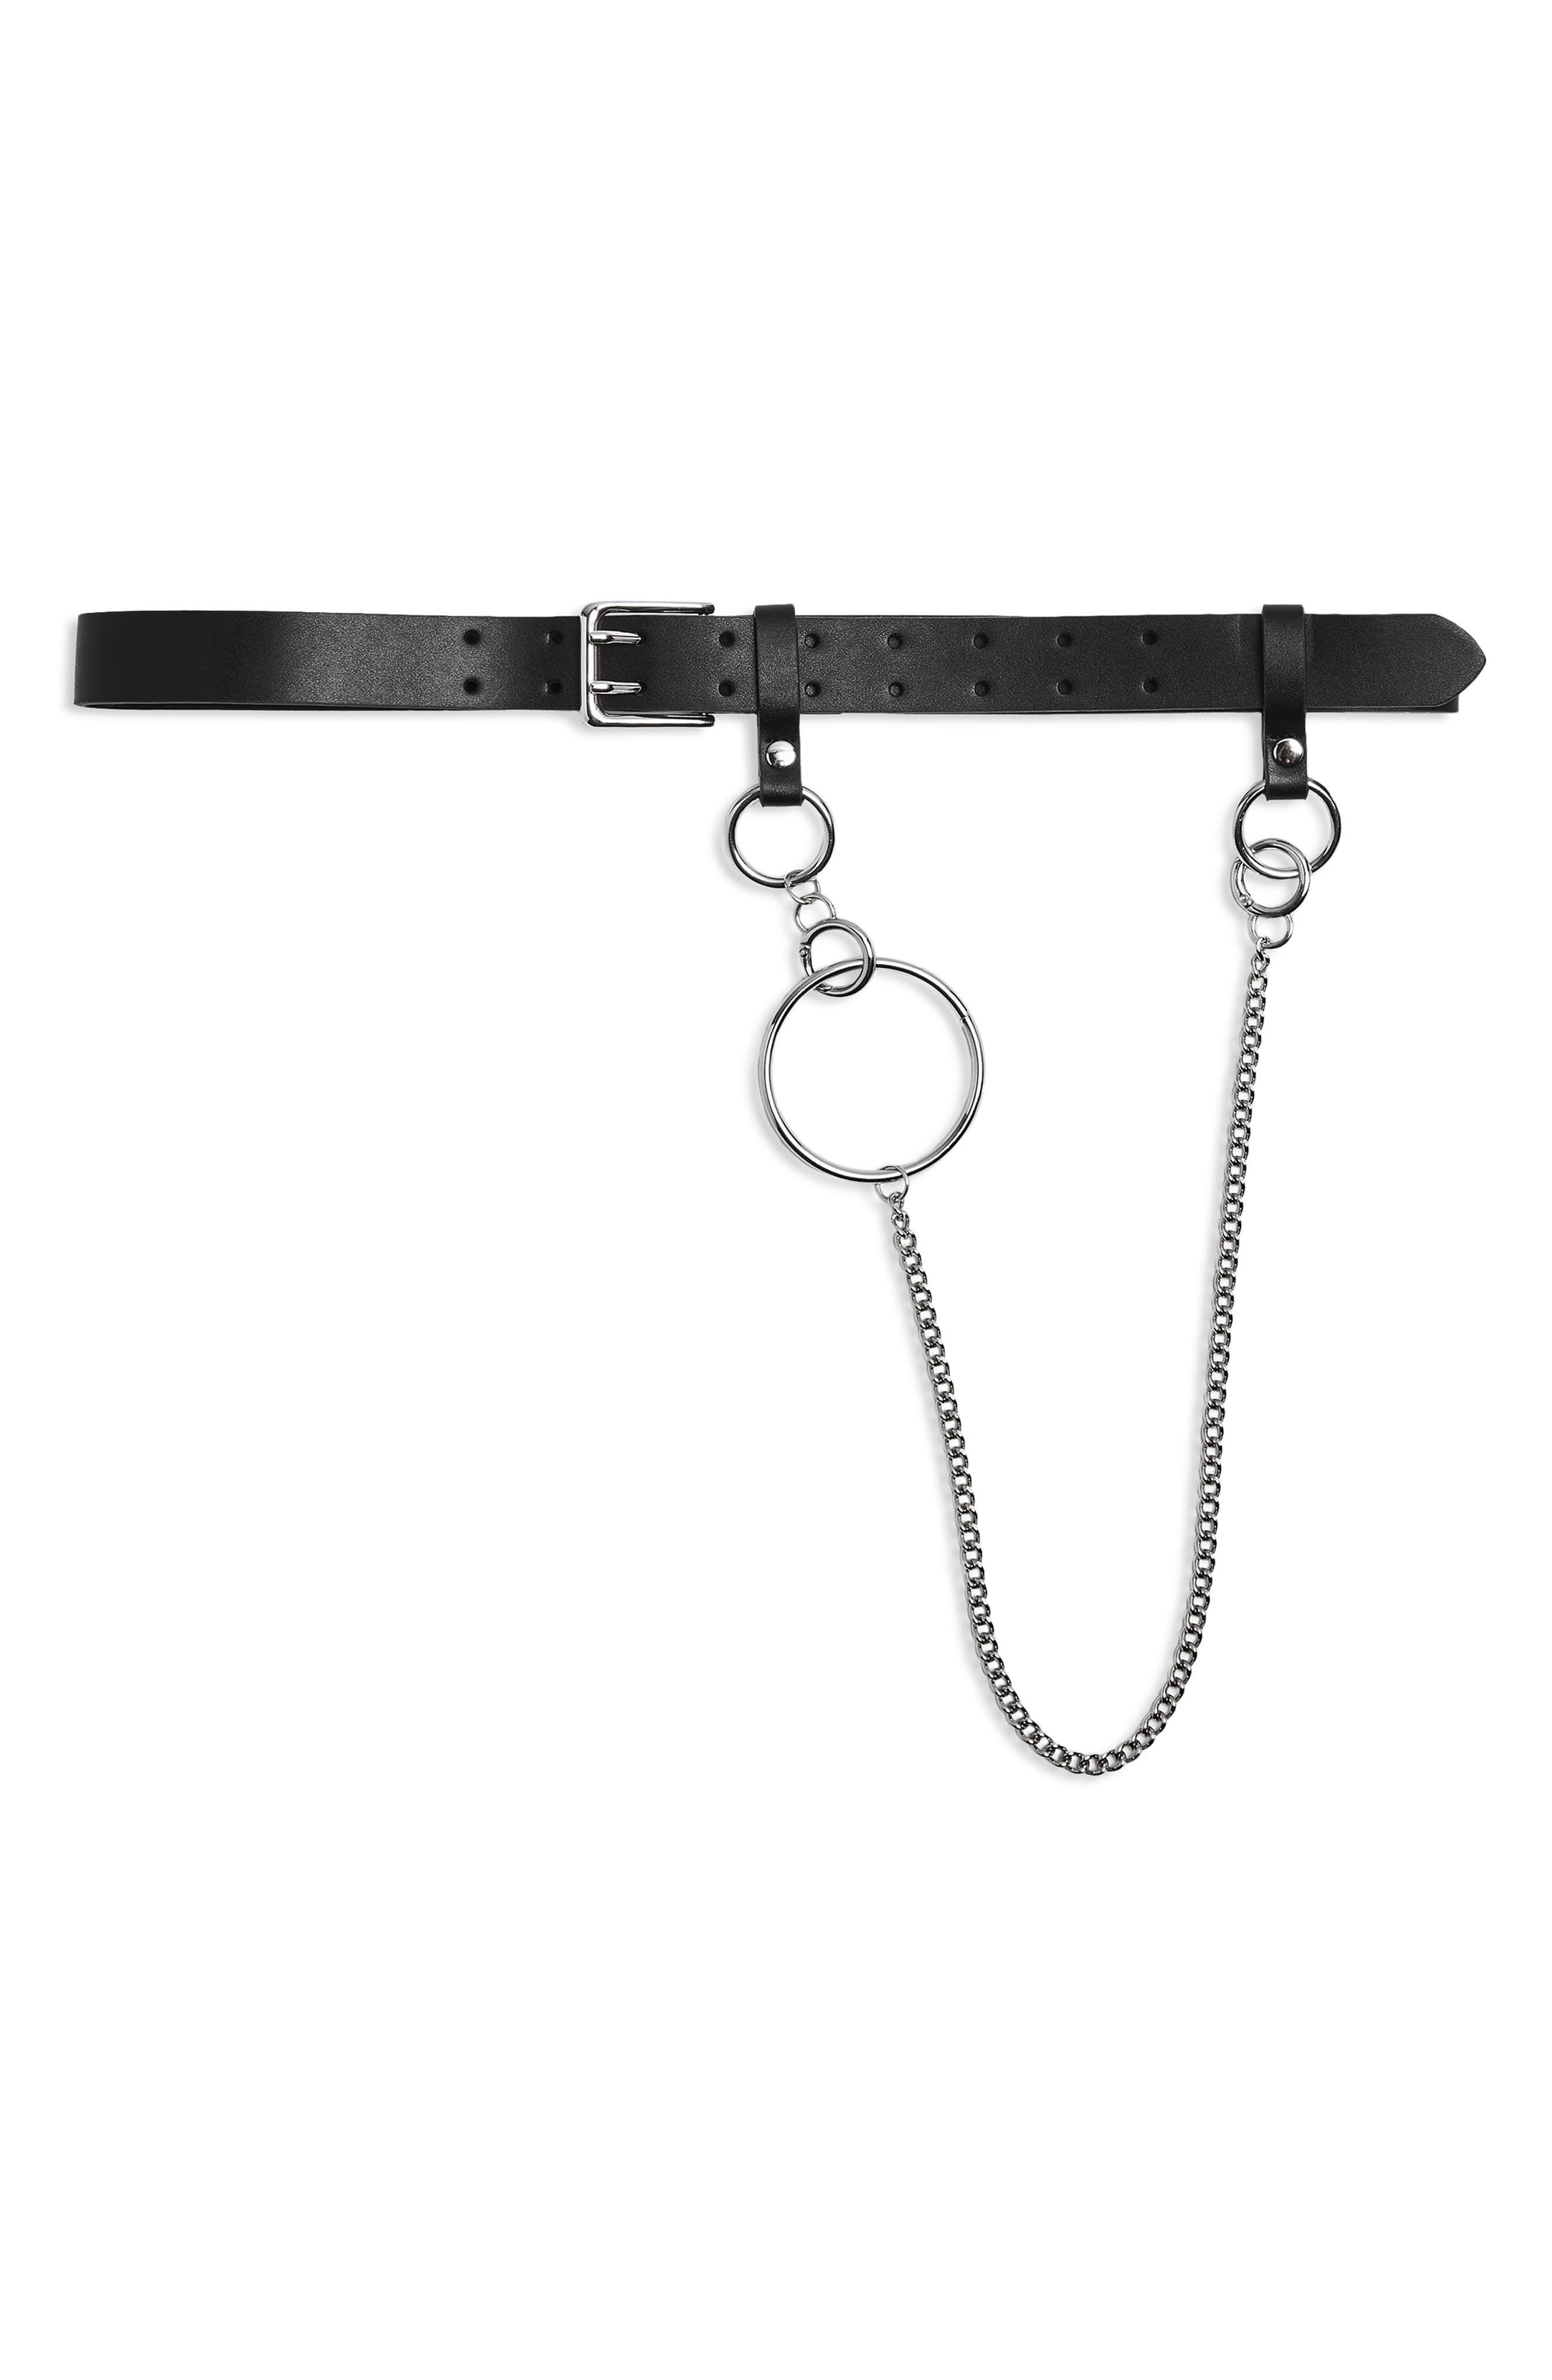 Topshop Double Prong Chain Belt   Chain belts, Chain, Belt